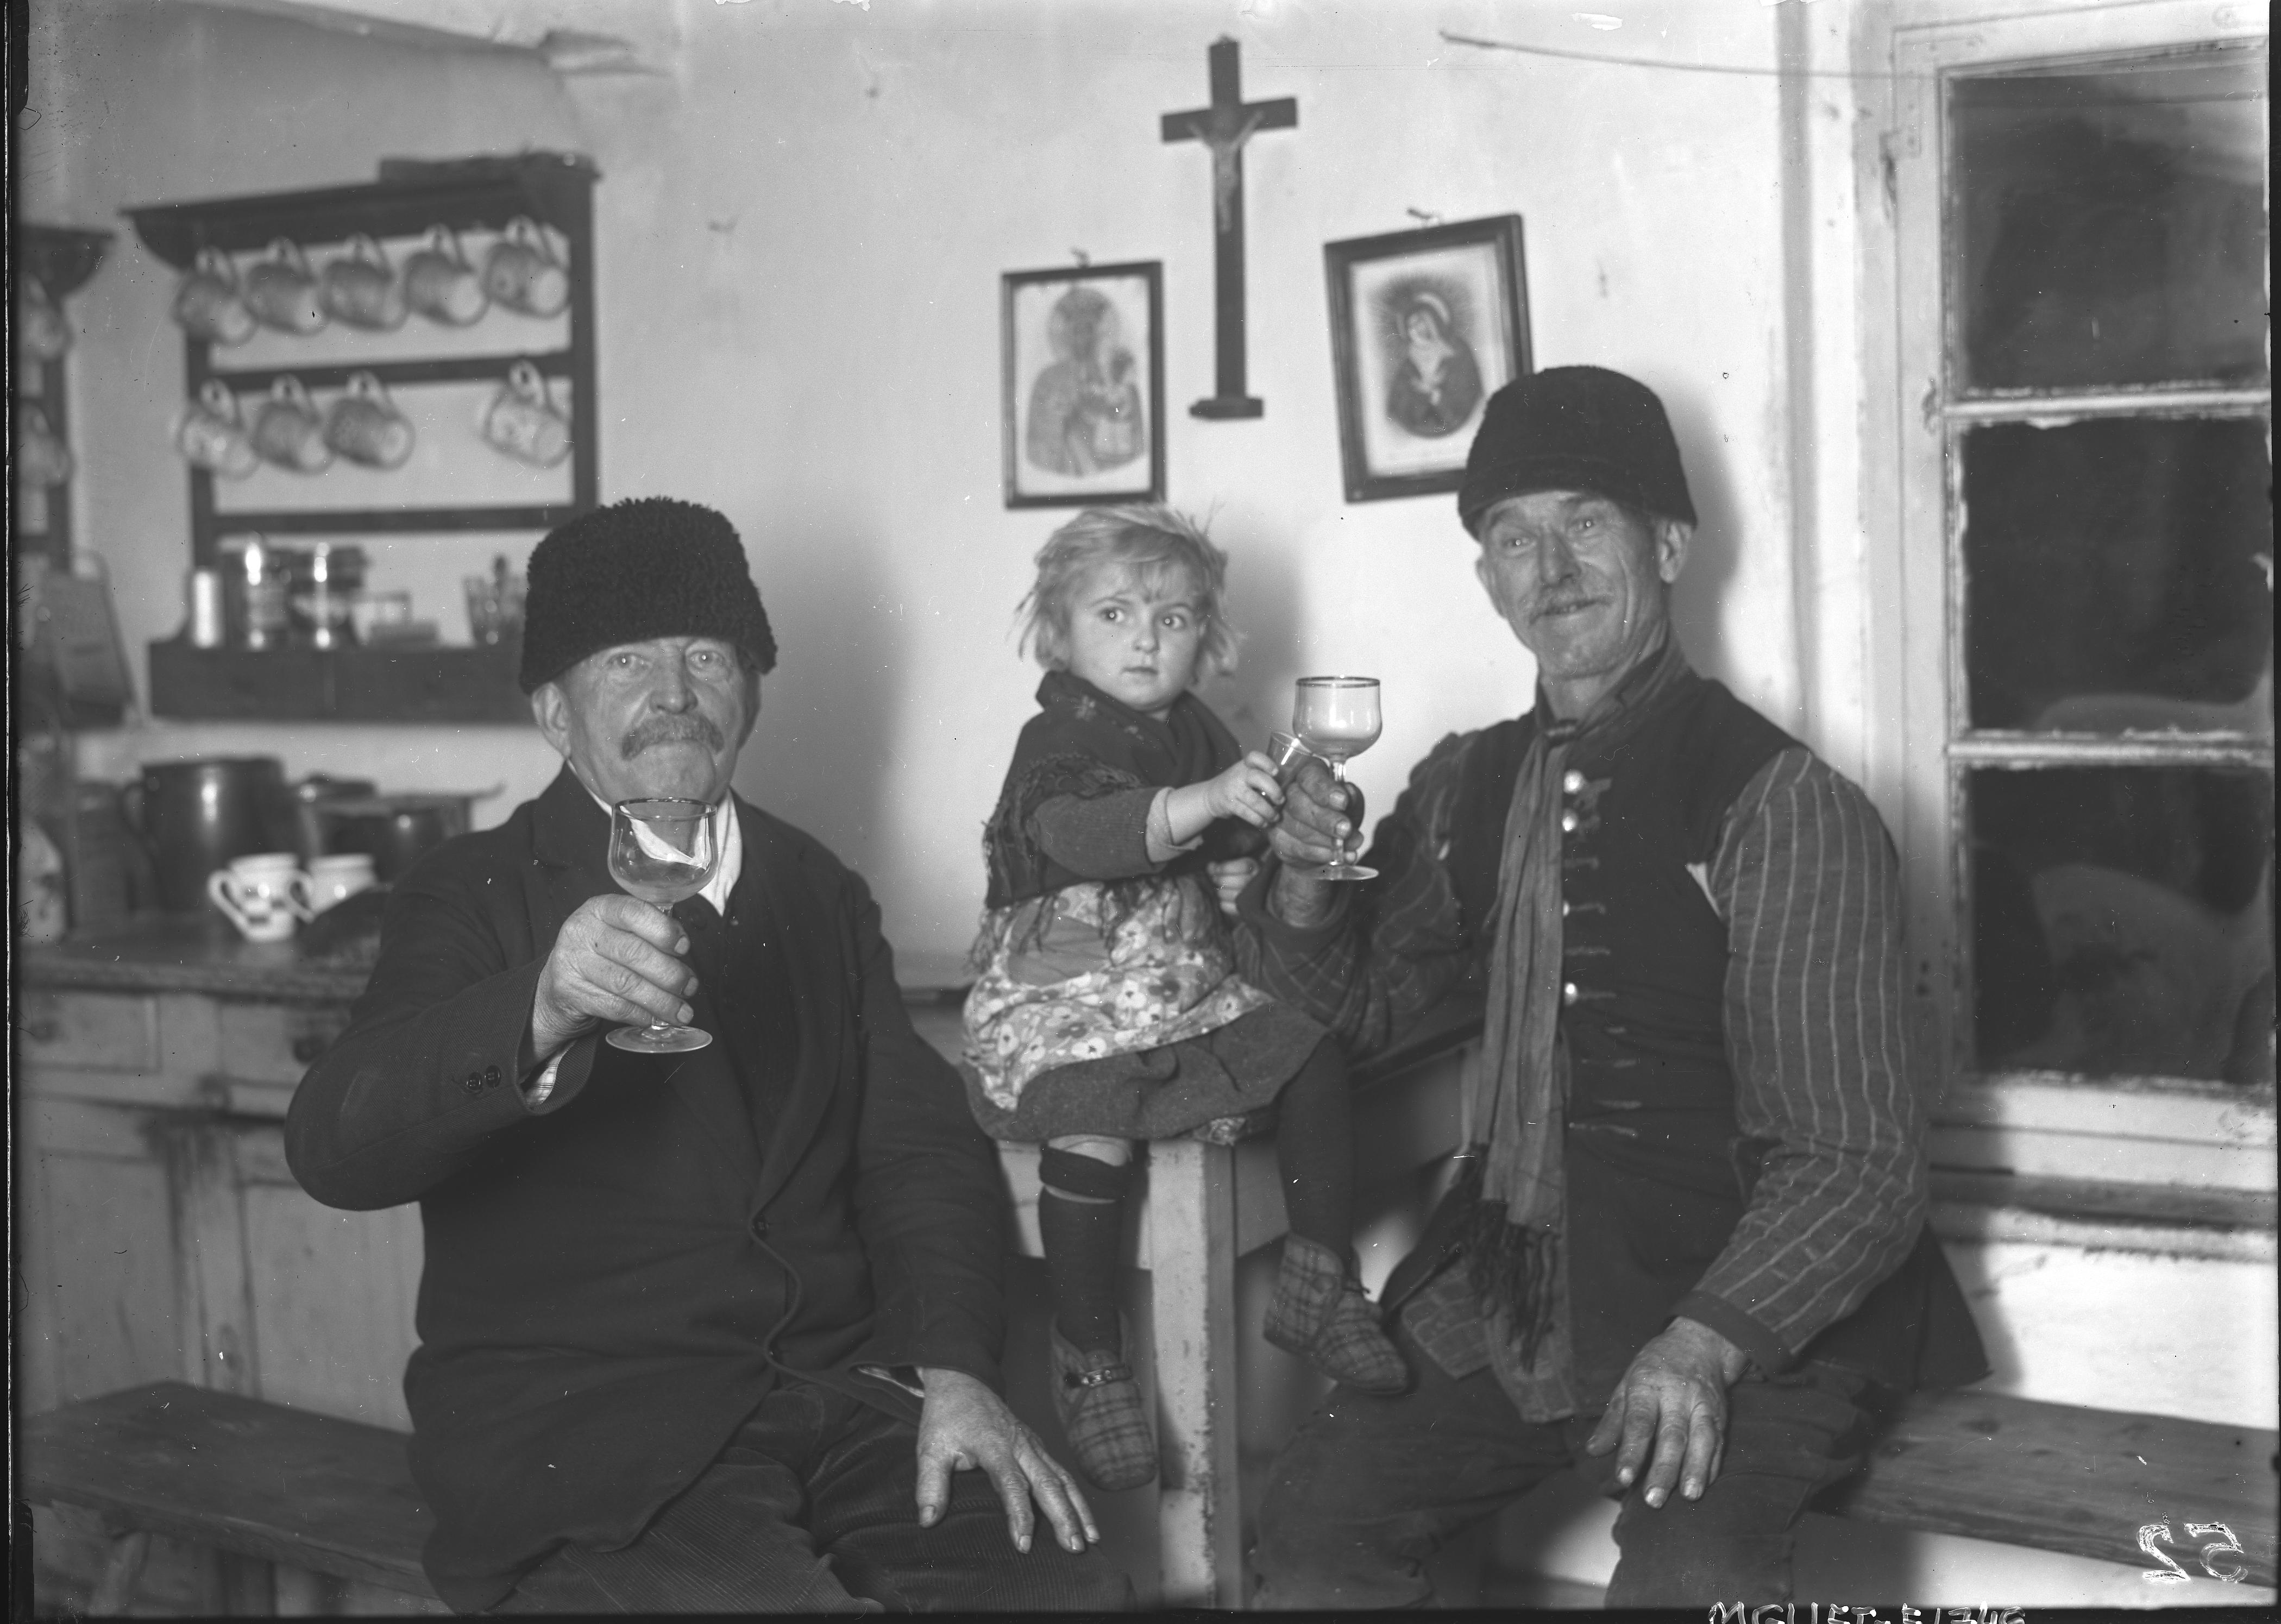 dwóch mężczyzn trzzymających kieliszki i dziecko na rękach